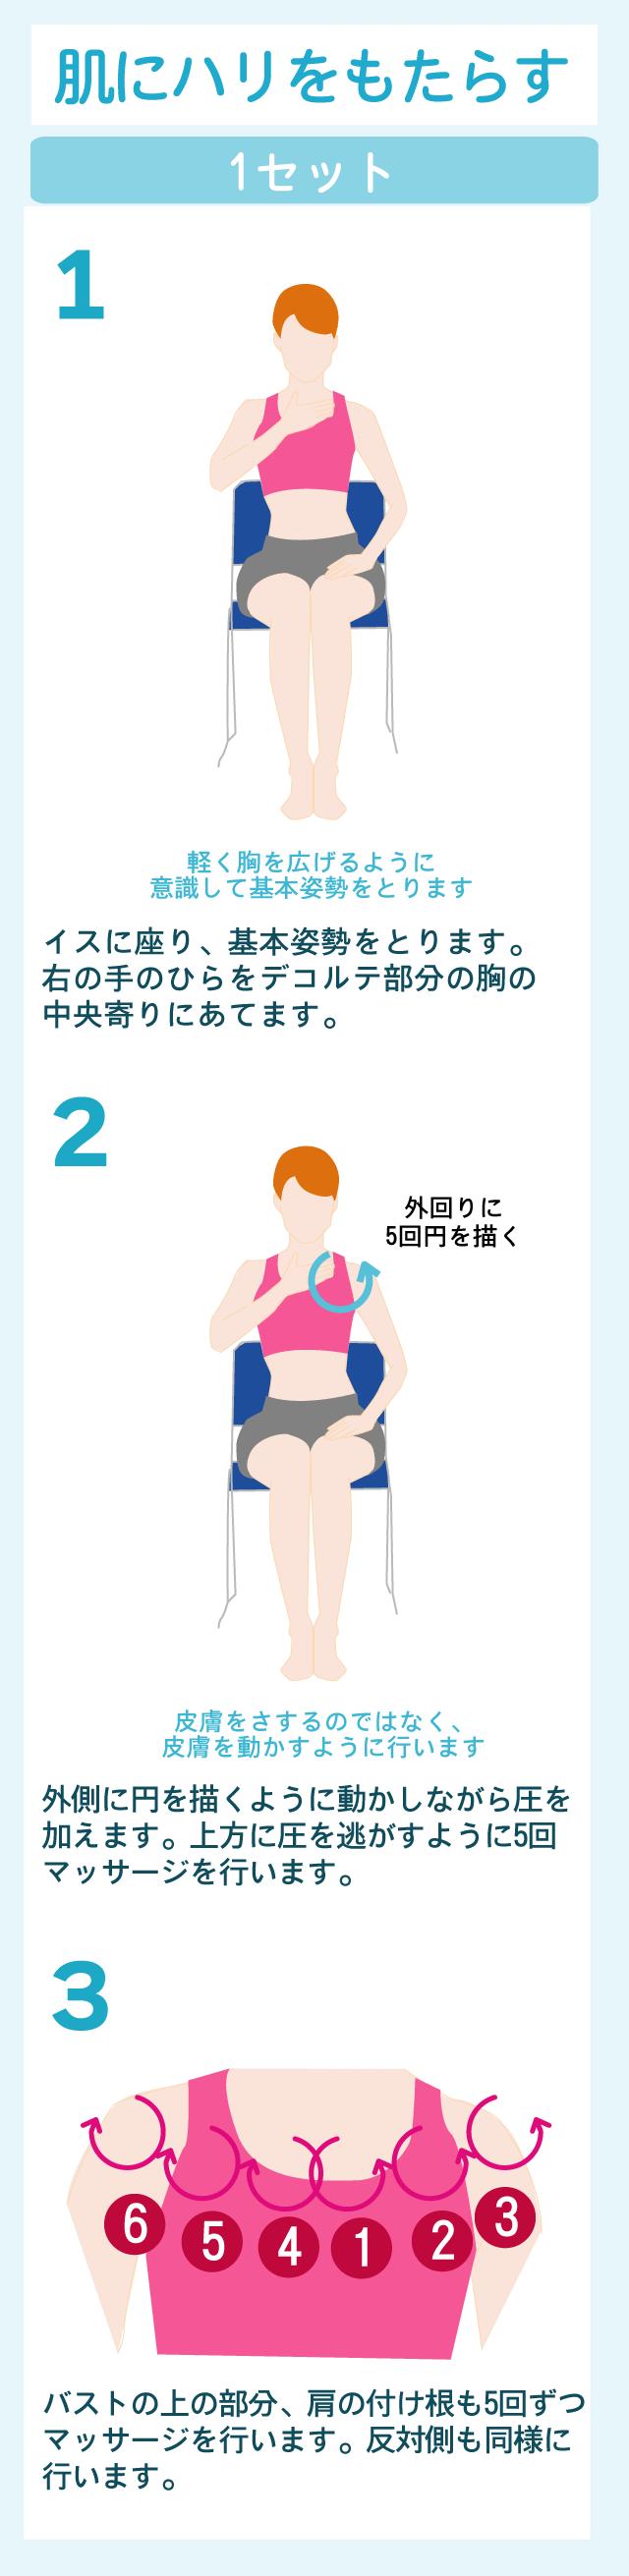 胸元周りのエクササイズとデコルテ周辺のハリを取り戻すマッサージ